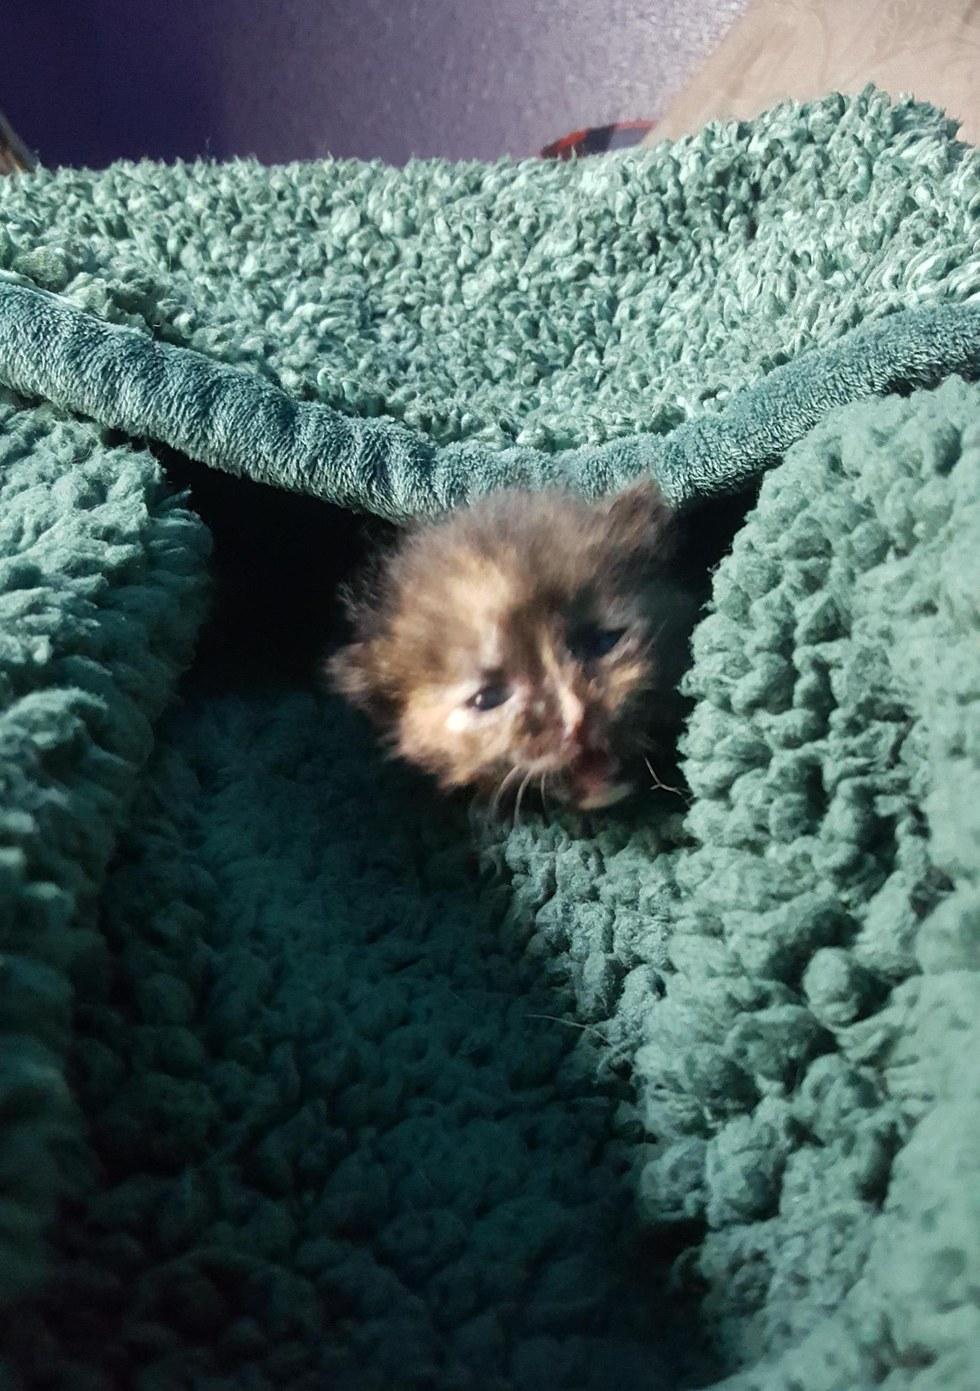 μικροσκοπικό γατάκι μικροσκοπικό γάτες γατάκι Γάτα Άνδρας βρήκε μικροσκοπικό γατάκι ενώ δούλευε πάνω σε ένα αμάξι και το διέσωσε